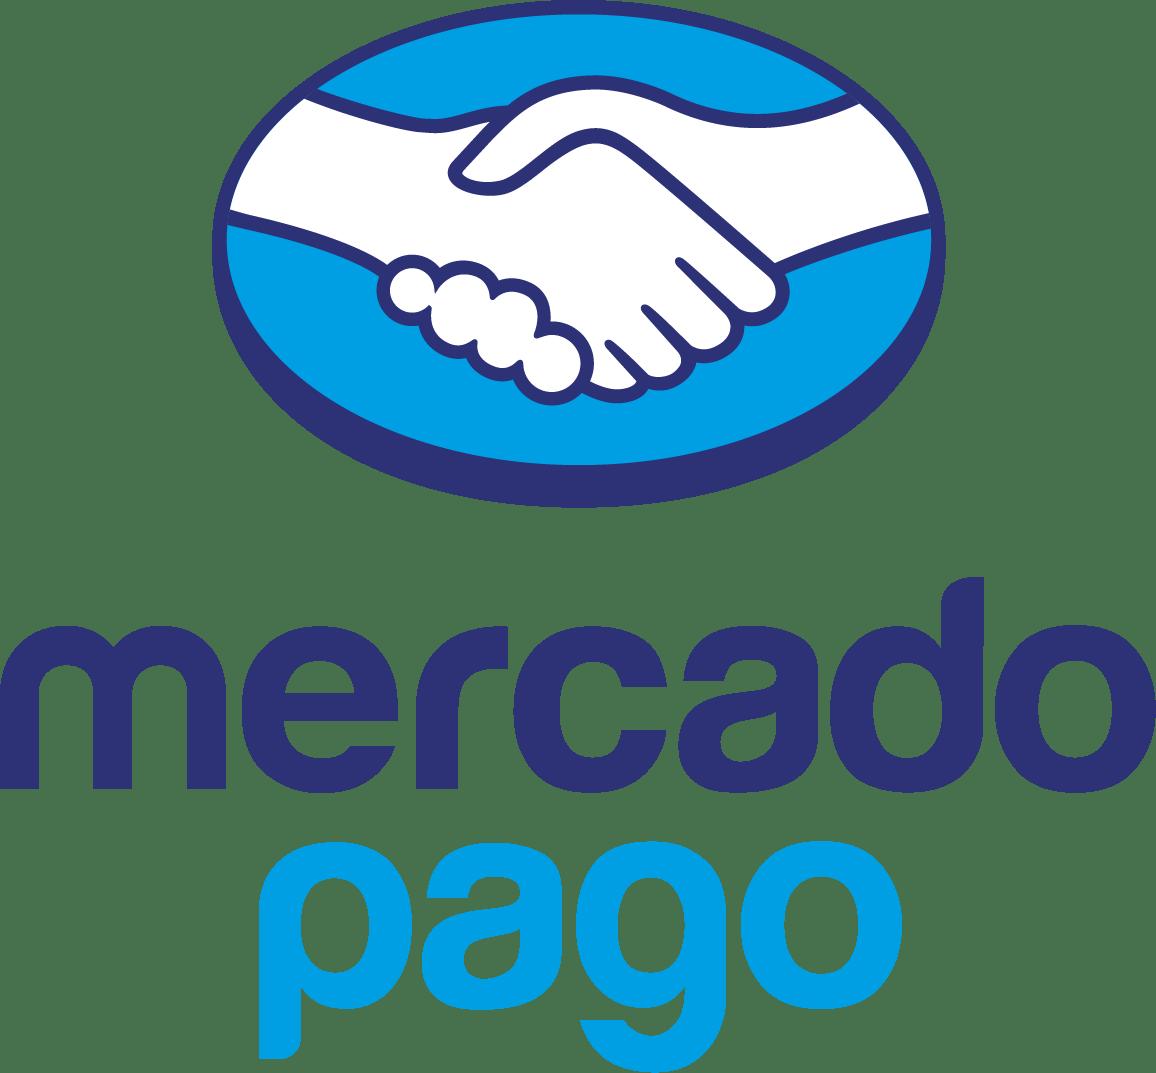 Logo MercadoPago, MercadoLibre